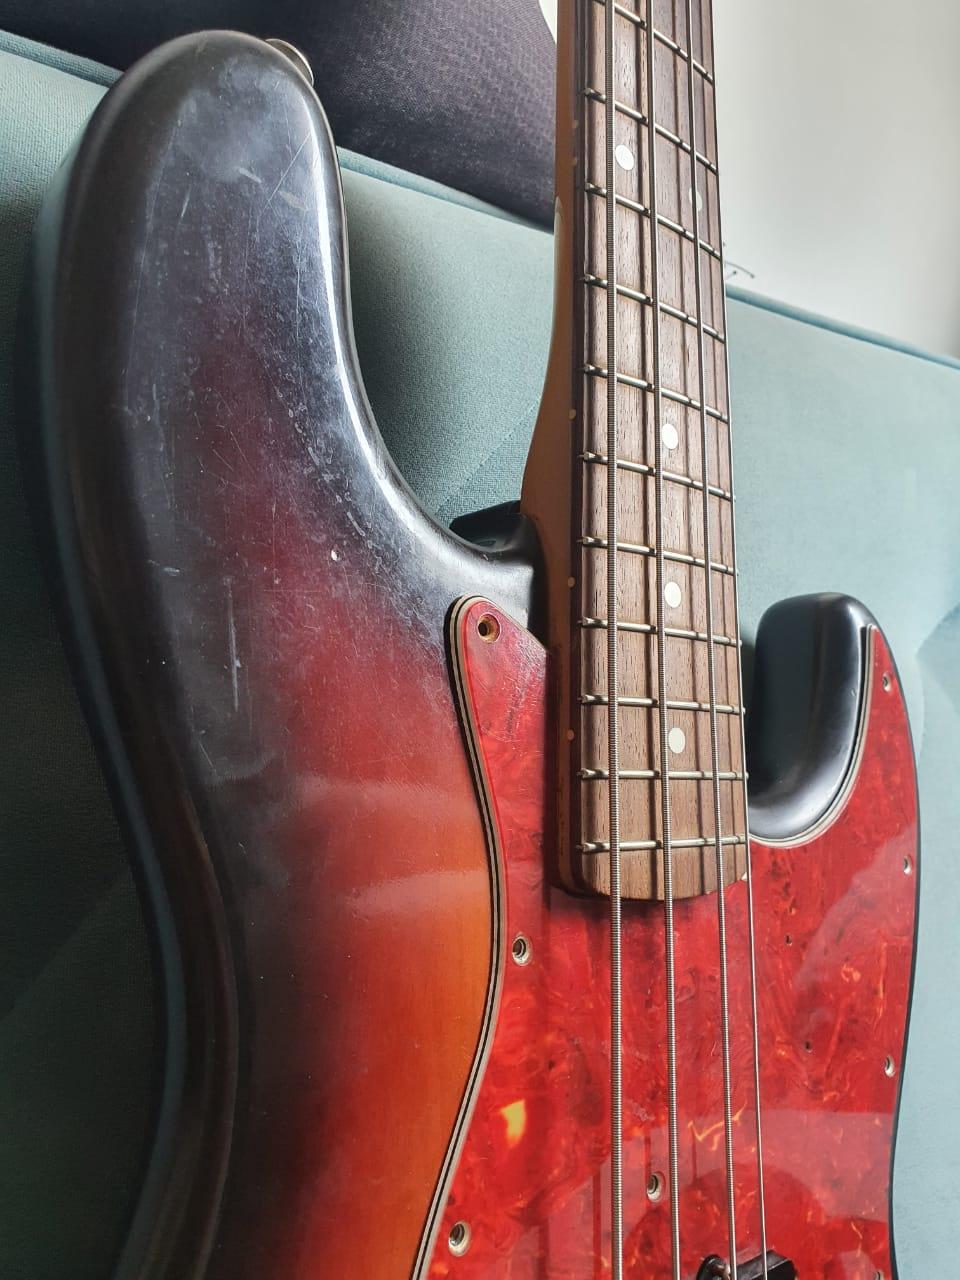 Limpeza e conservação do instrumento - Página 3 Whatsa19